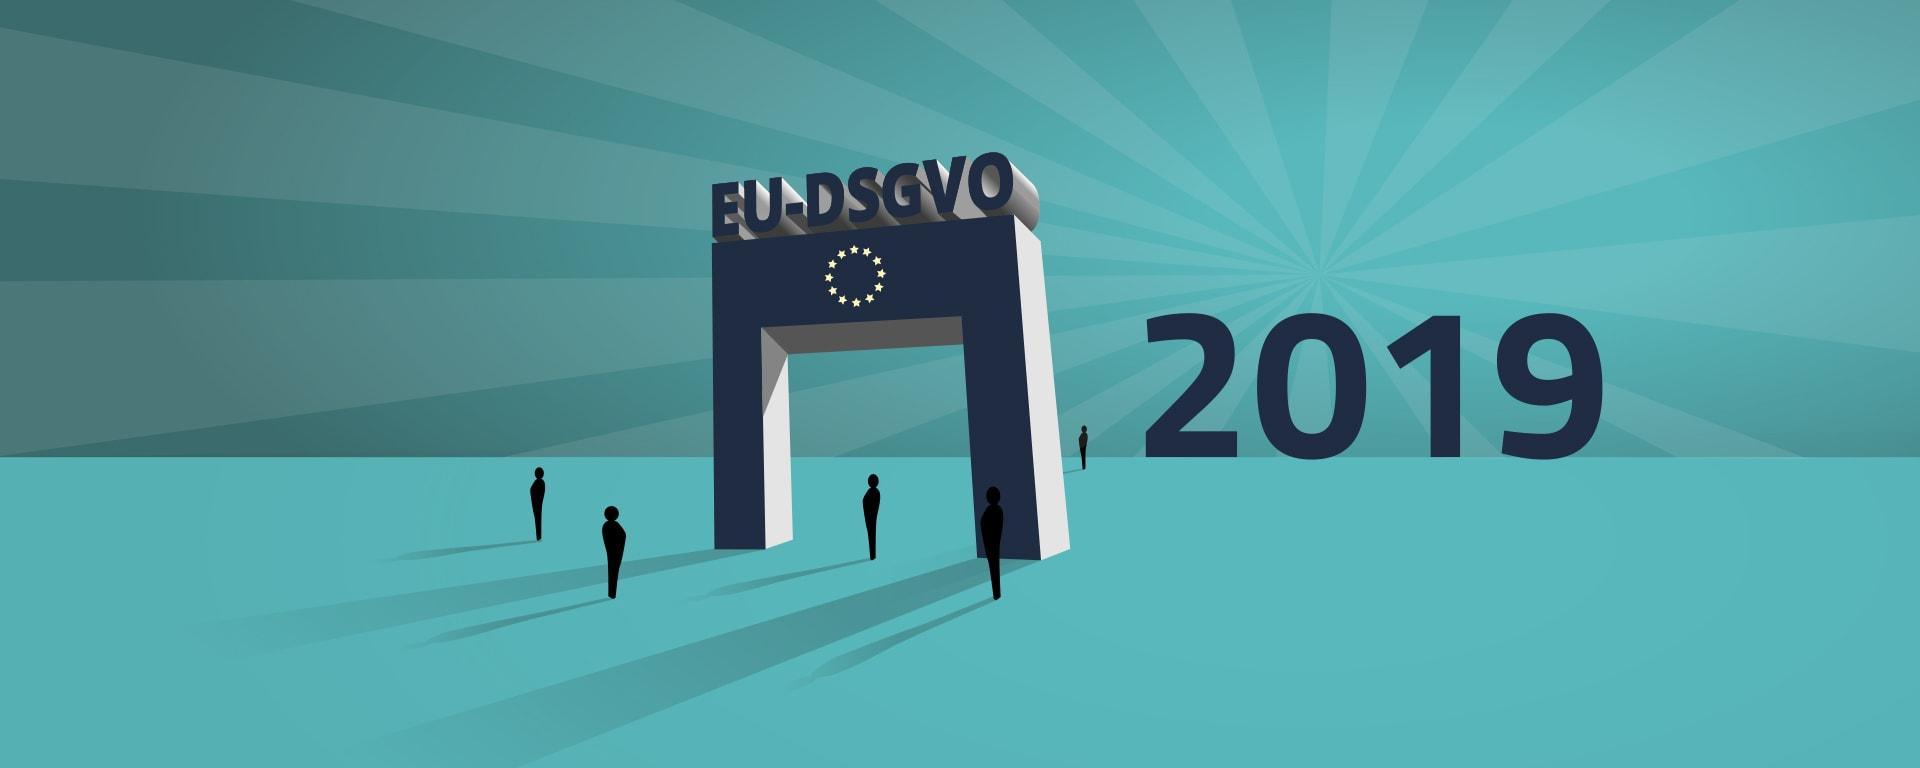 DSGVO 2019